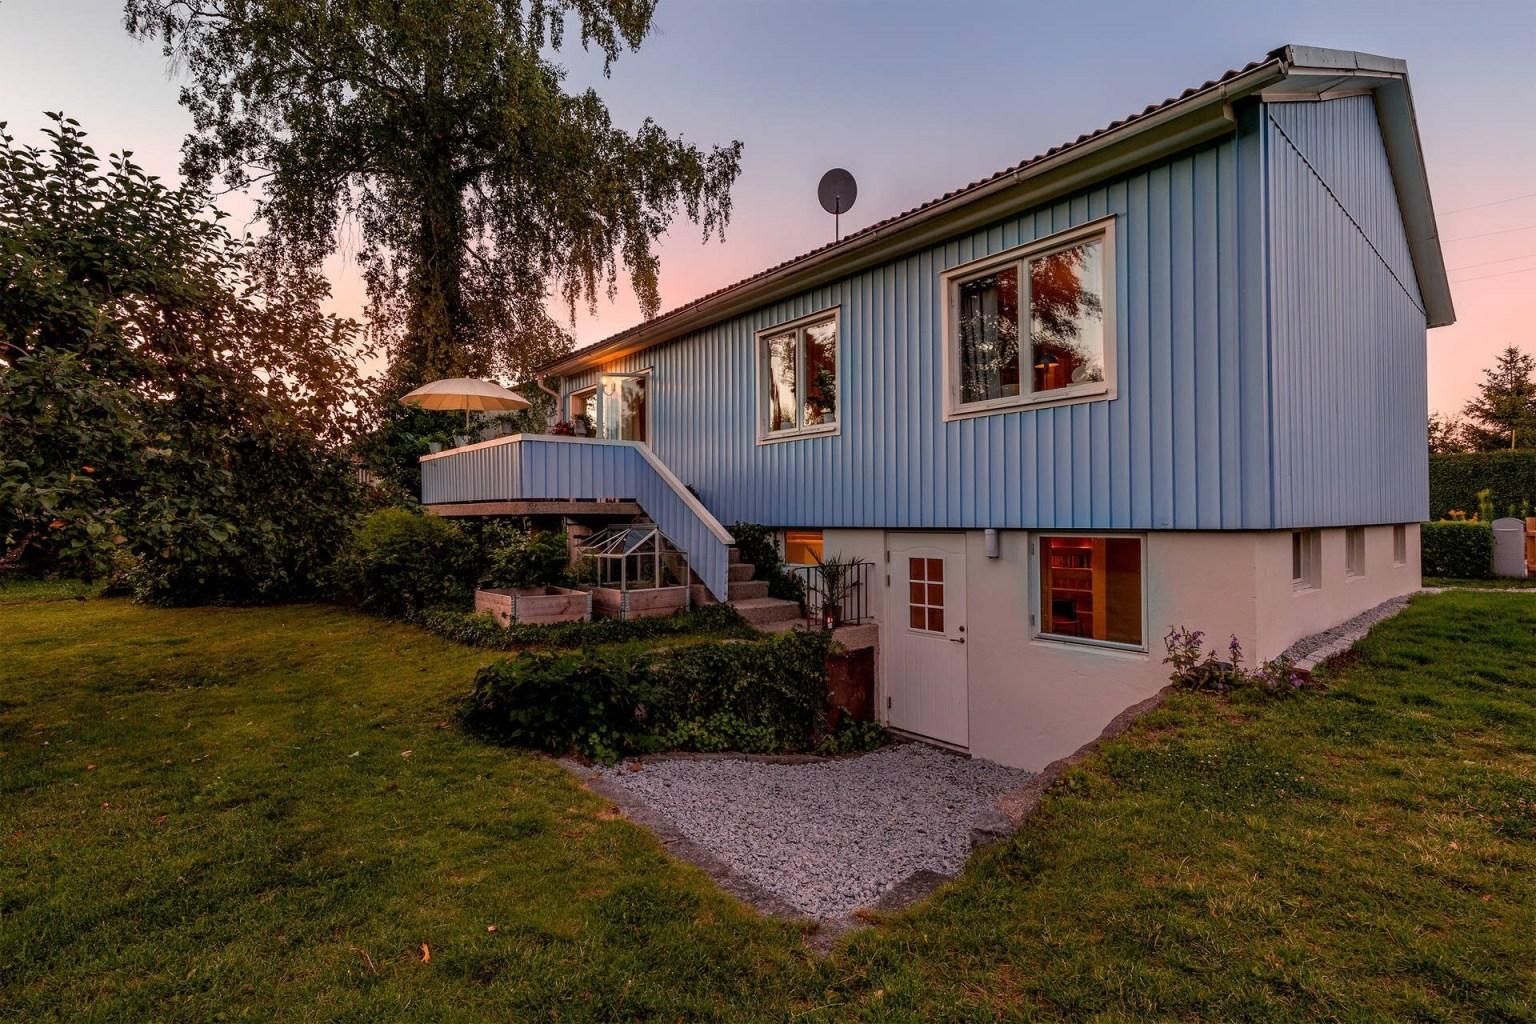 """33 house backyard 1605688713426108896376 - Căn nhà cấp 4 màu xanh da trời nhìn ngoài thì bình thường mà bên trong khiến ai cũng """"sững sờ"""""""